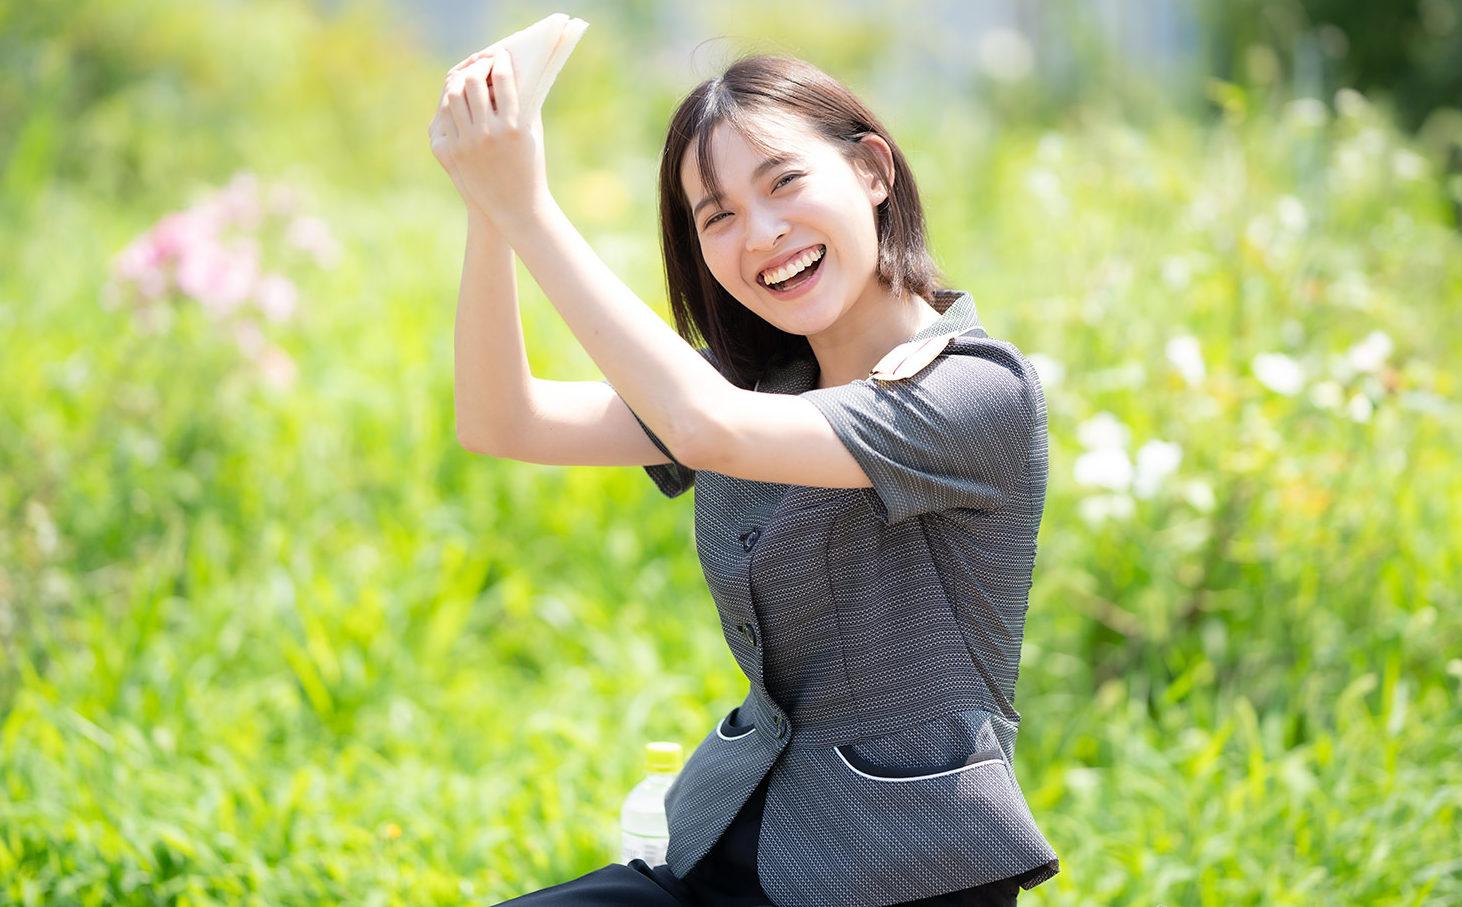 野外で休憩中の笑顔の女性